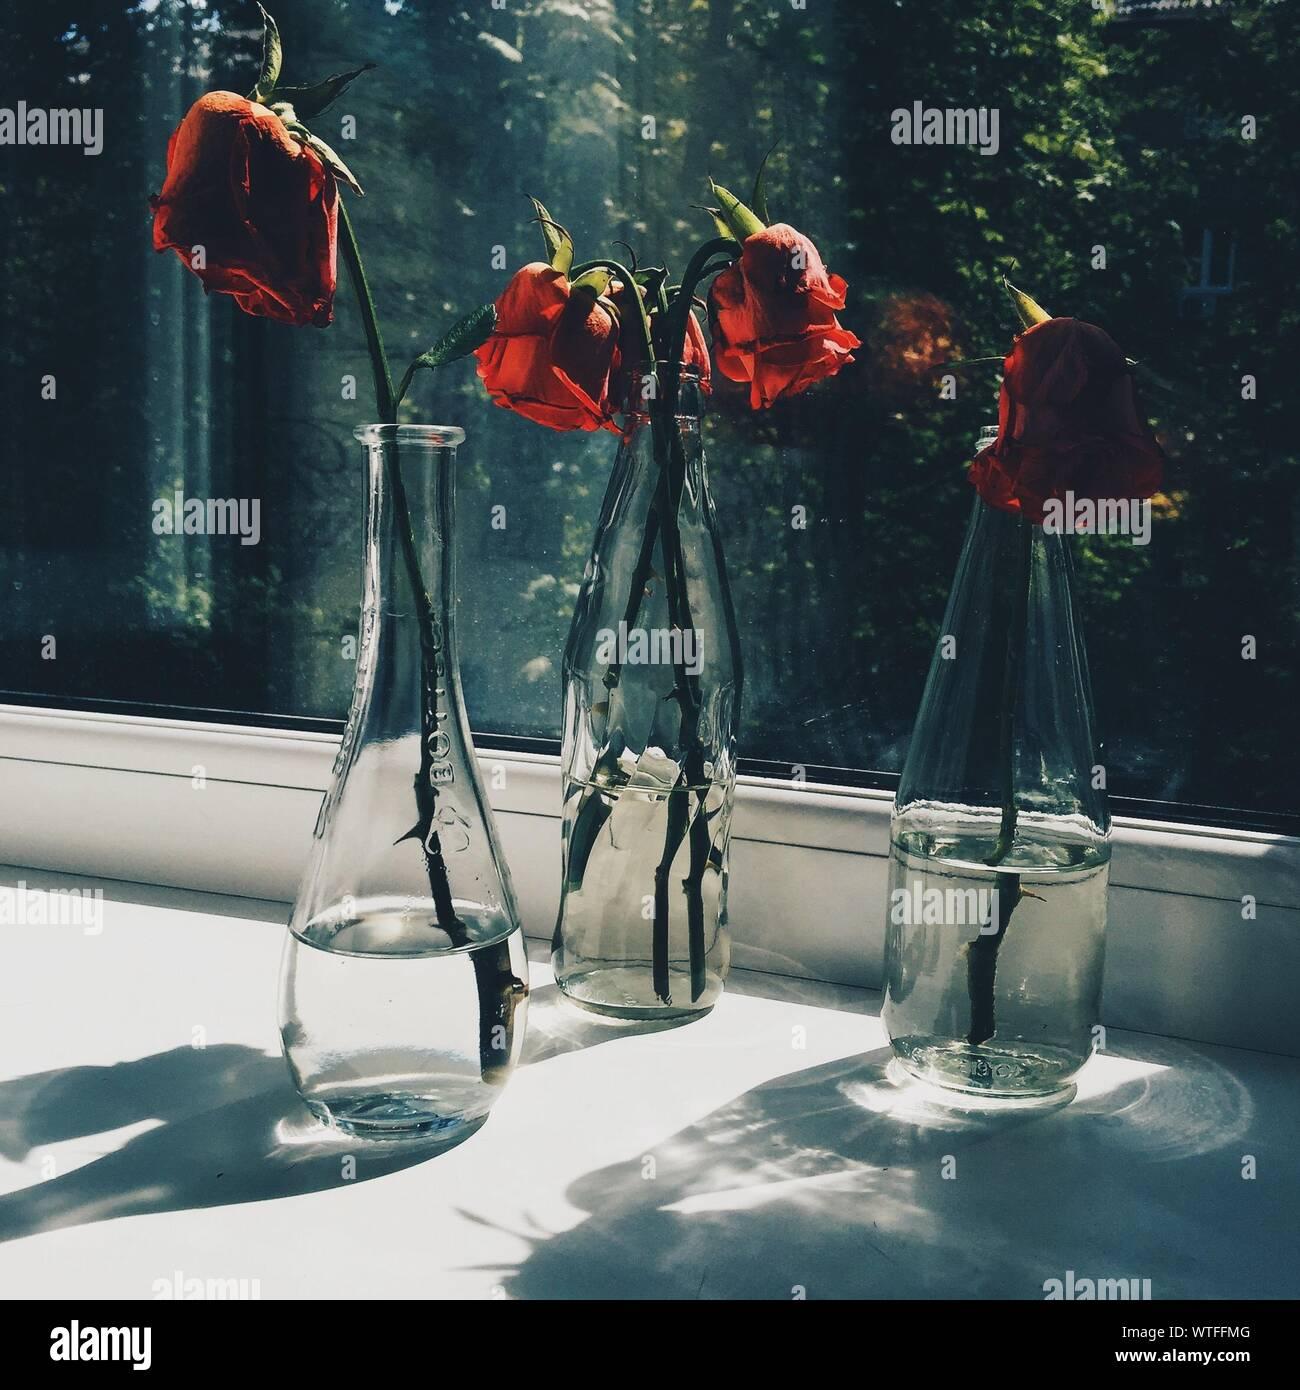 Vase en verre Roses fanées par fenêtre Banque D'Images